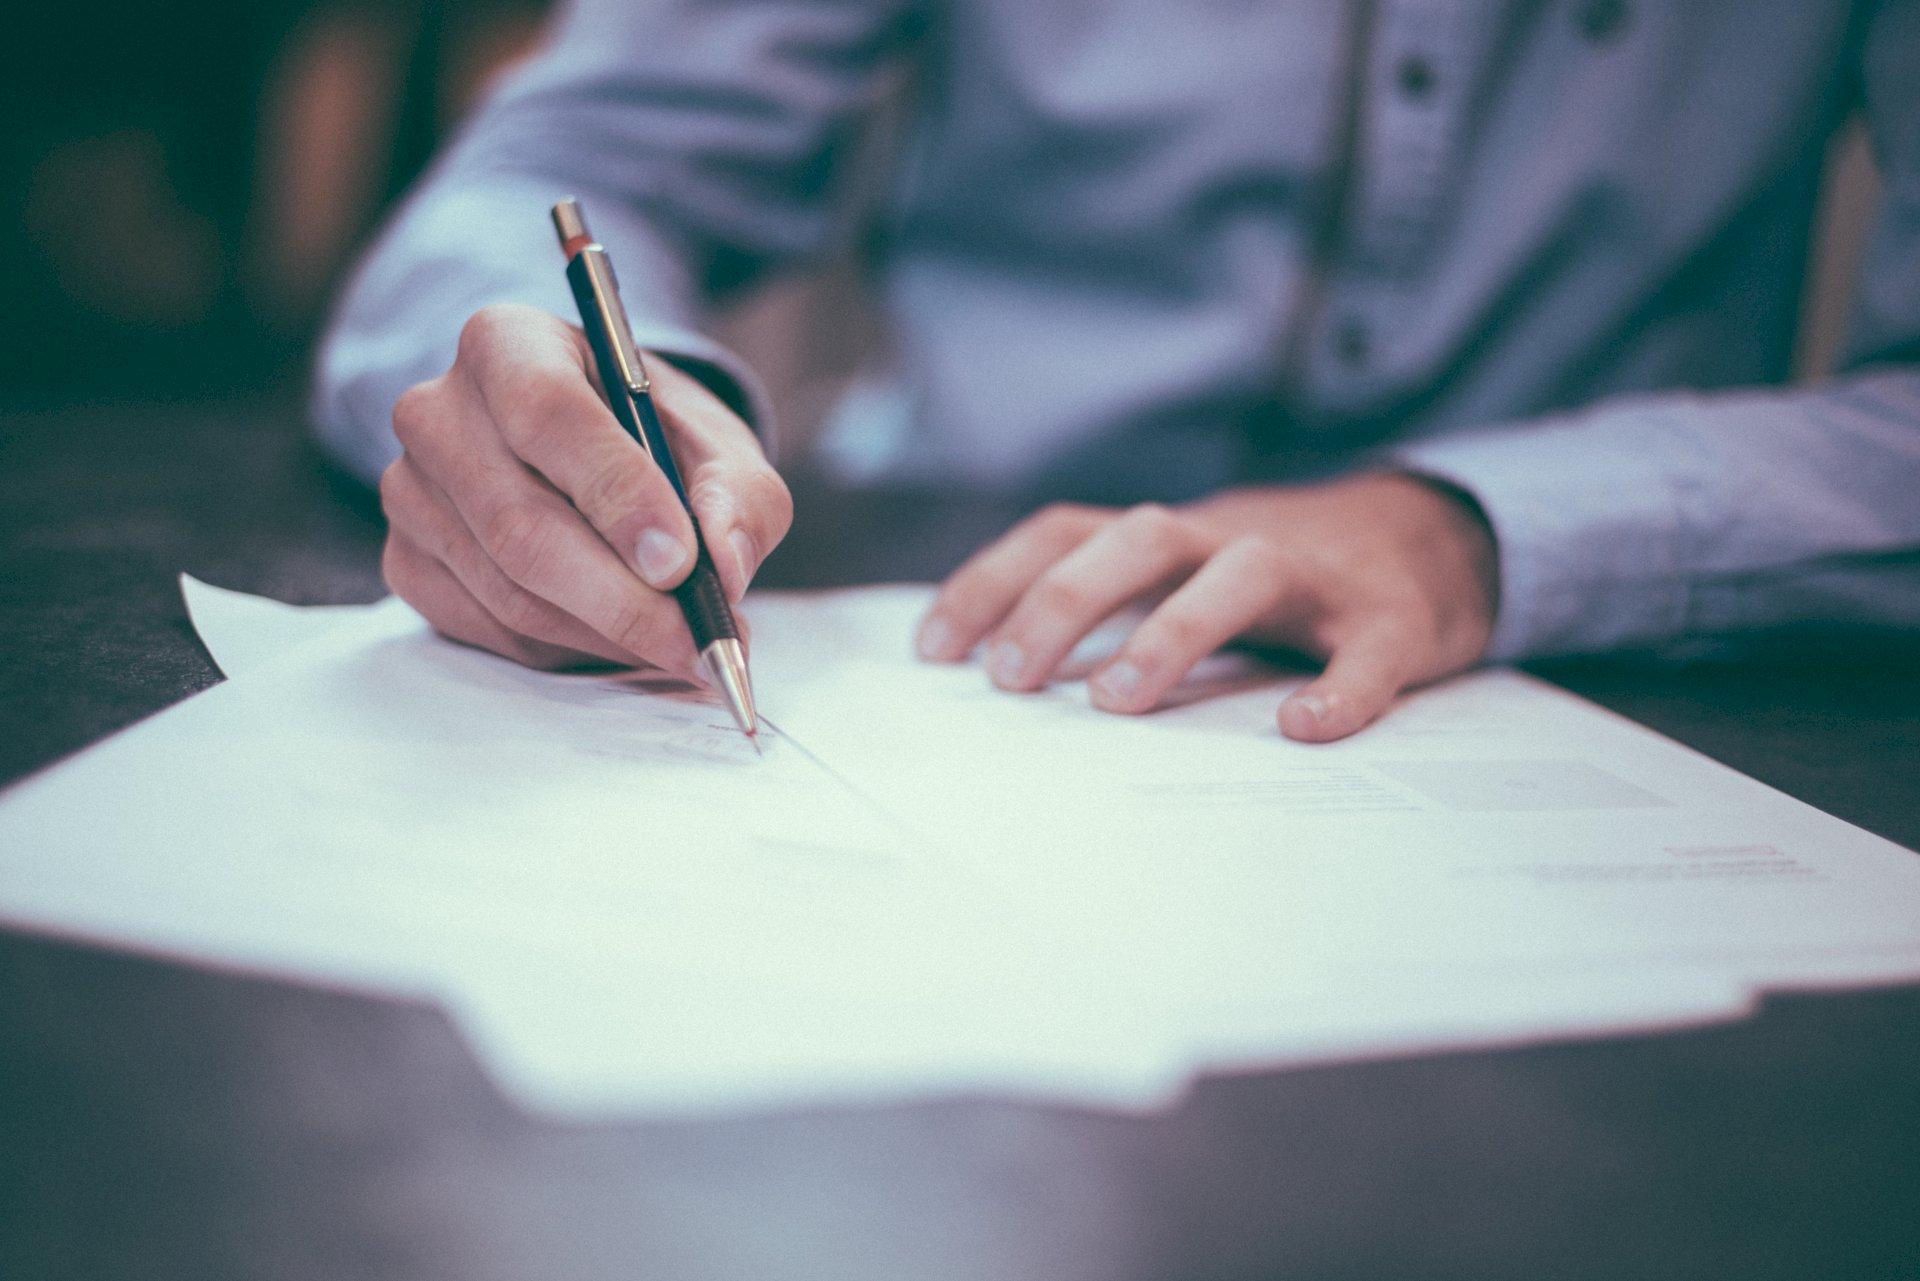 Brancheorganisaties pleiten voor invoering 'Deel- en Omscholings-NOW'